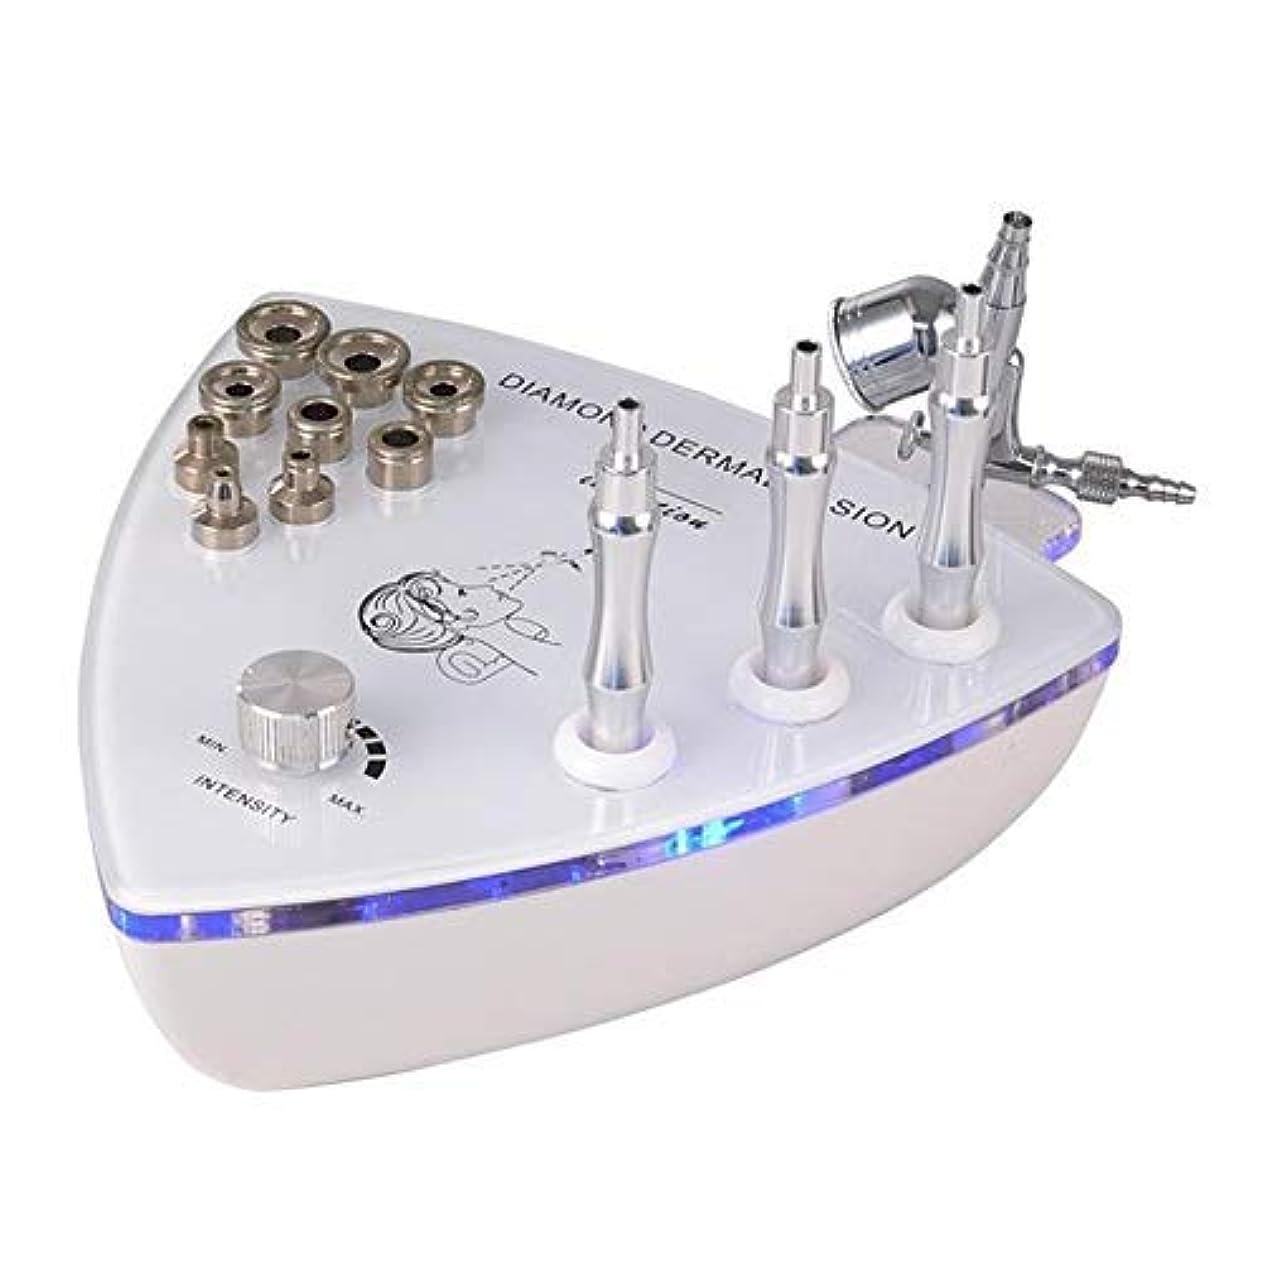 分析する転送過剰美容機器、フェイシャルスキンケア機器、マイクロダーマブレーションマシン、マイクロダーマブレーションおむつダイヤモンドマイクロ彫刻美容機器、角質除去、角質除去、肌の若返り